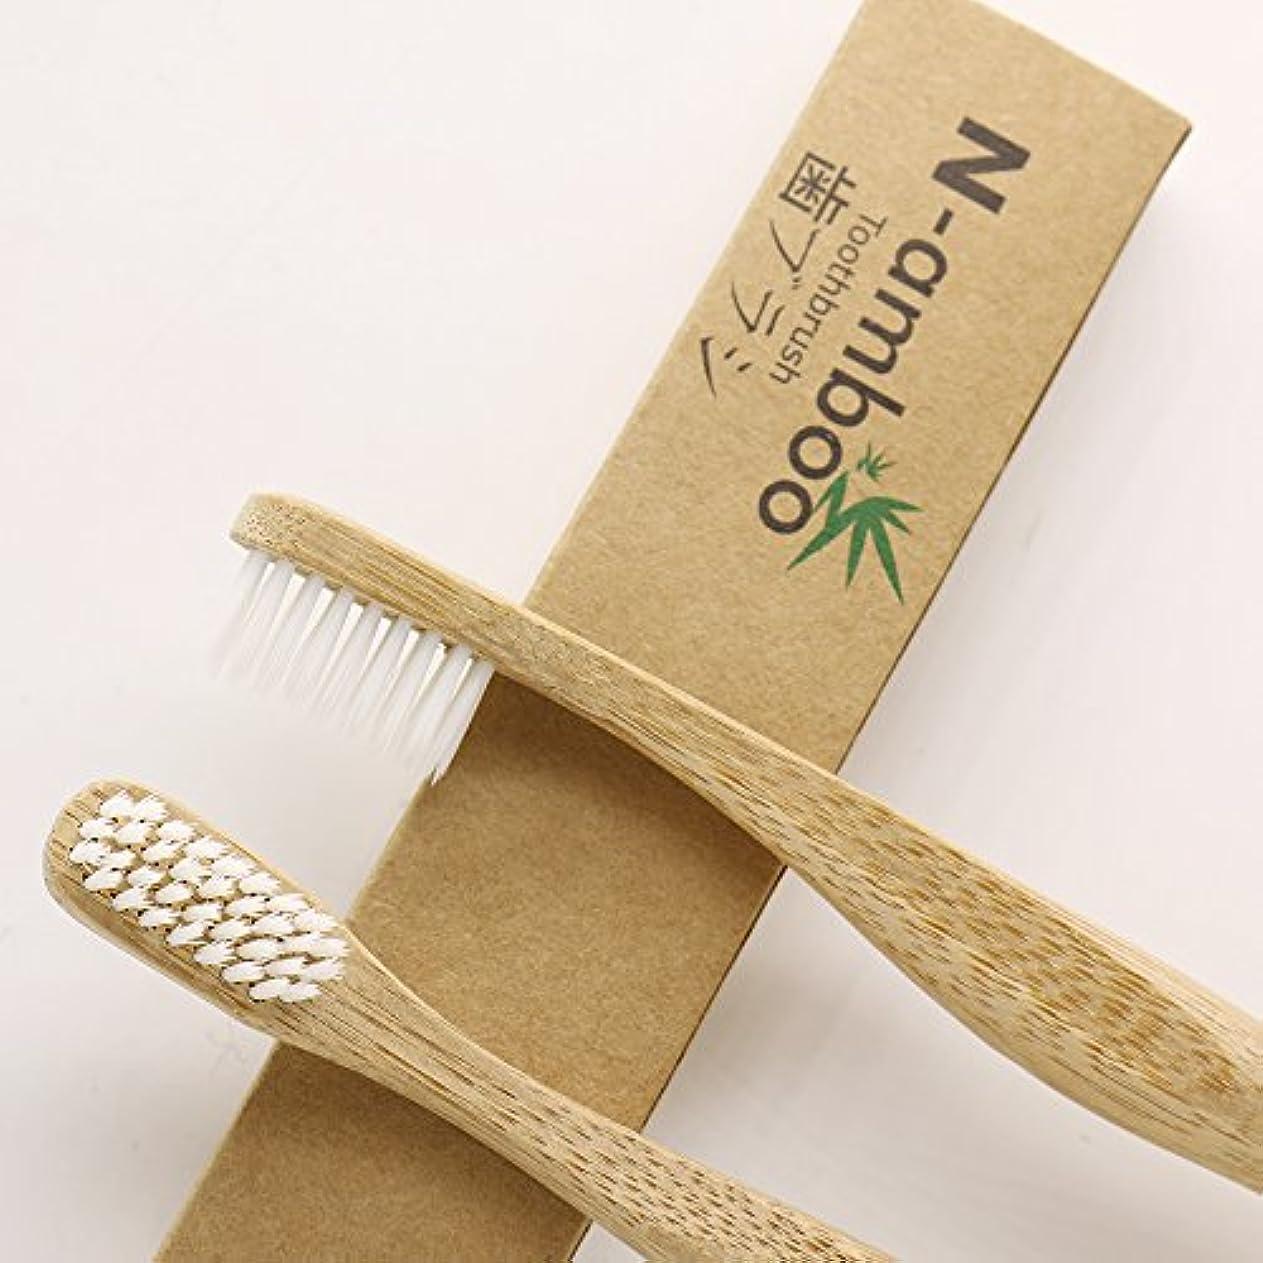 ピアースパラナ川ご予約N-amboo 竹製耐久度高い 歯ブラシ 2本入り セット ハンドル握りやすい 白い